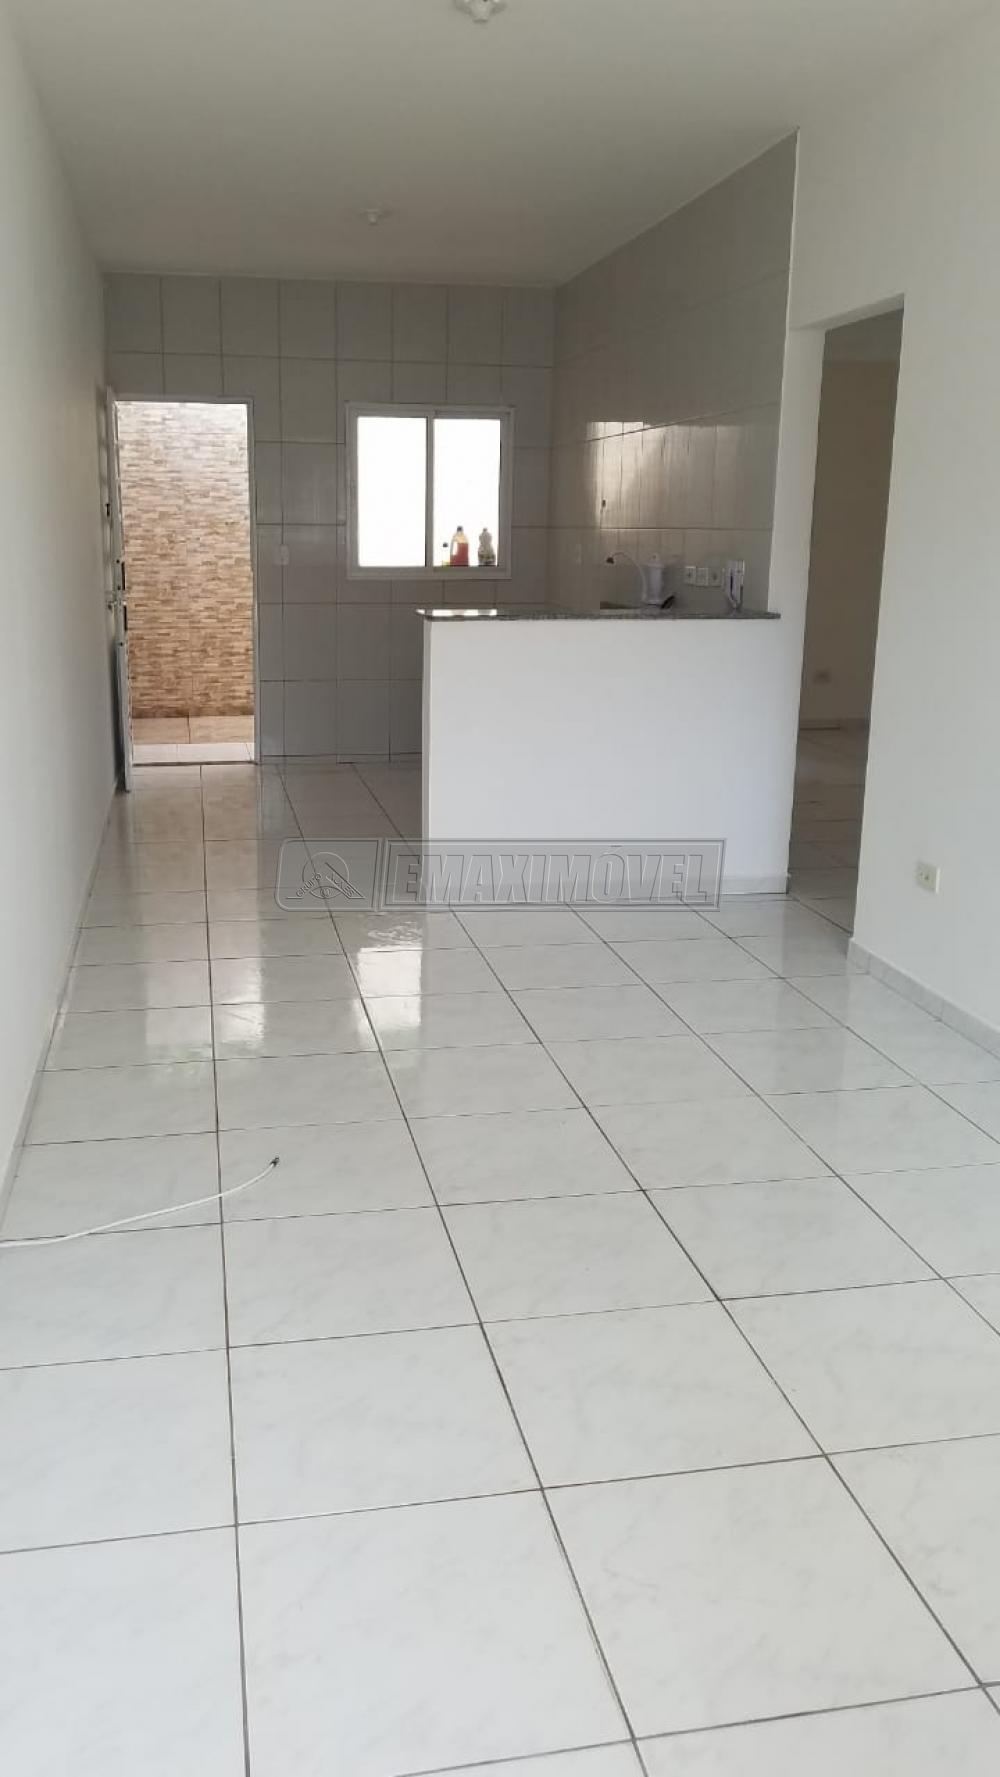 Alugar Casas / em Condomínios em Sorocaba apenas R$ 750,00 - Foto 2